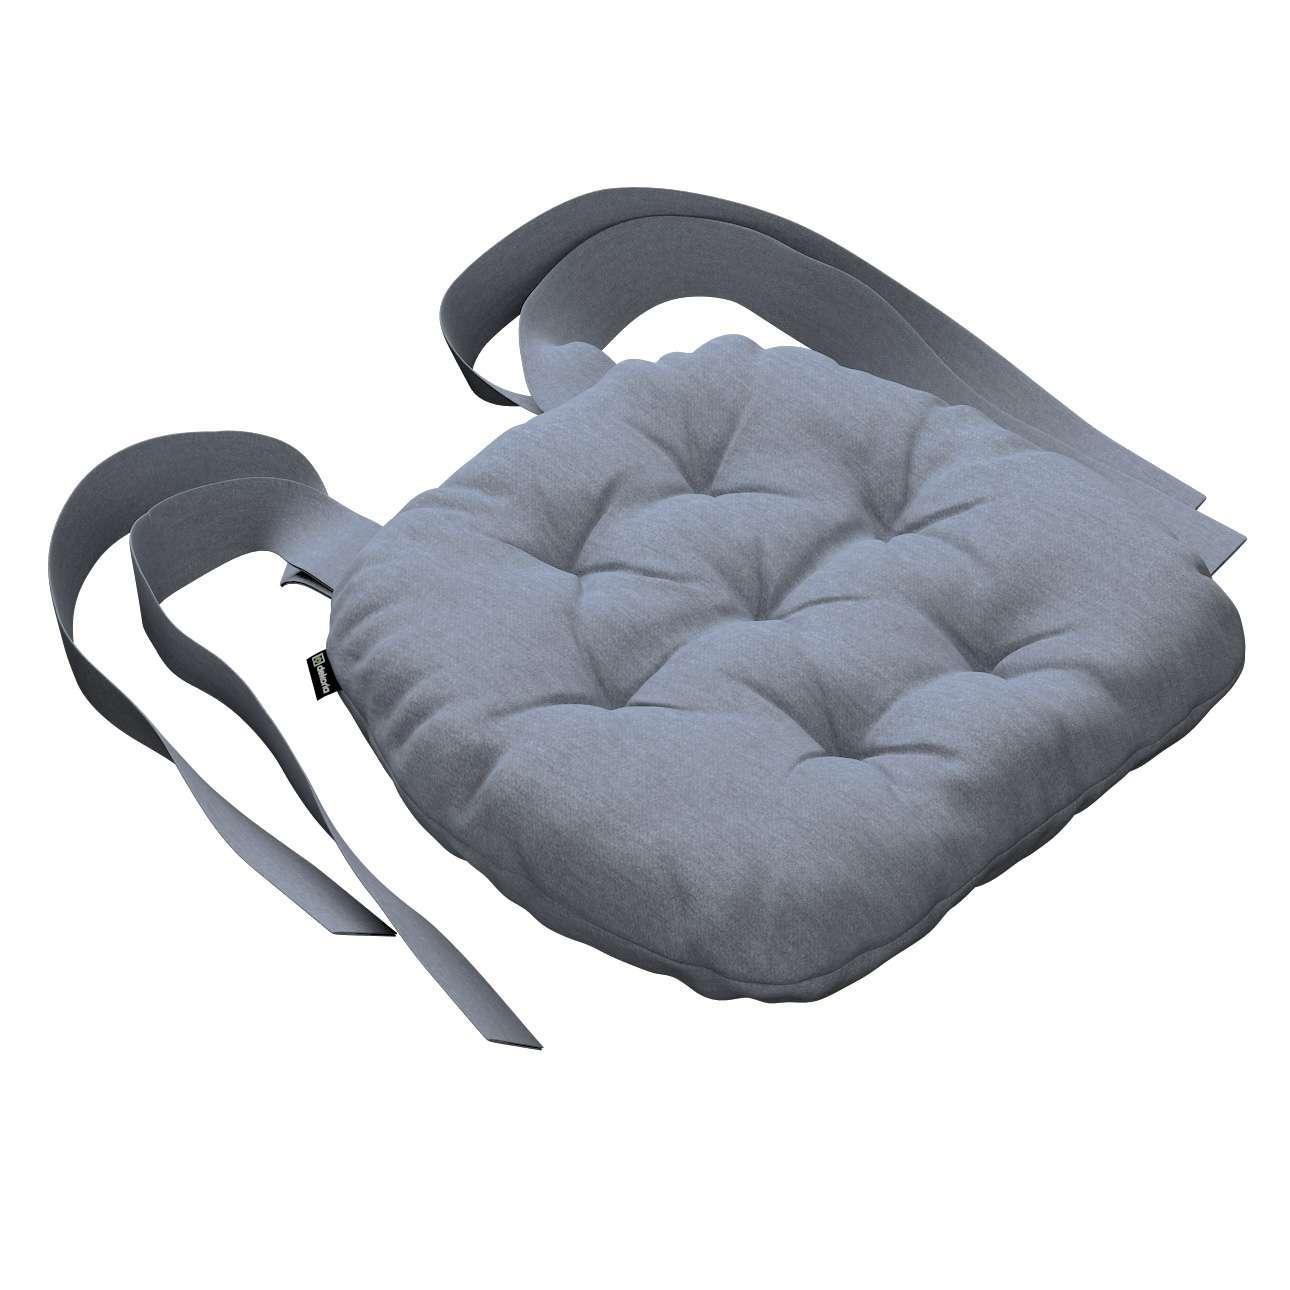 Siedzisko Marcin na krzesło 40x37x8cm w kolekcji Chenille, tkanina: 702-13